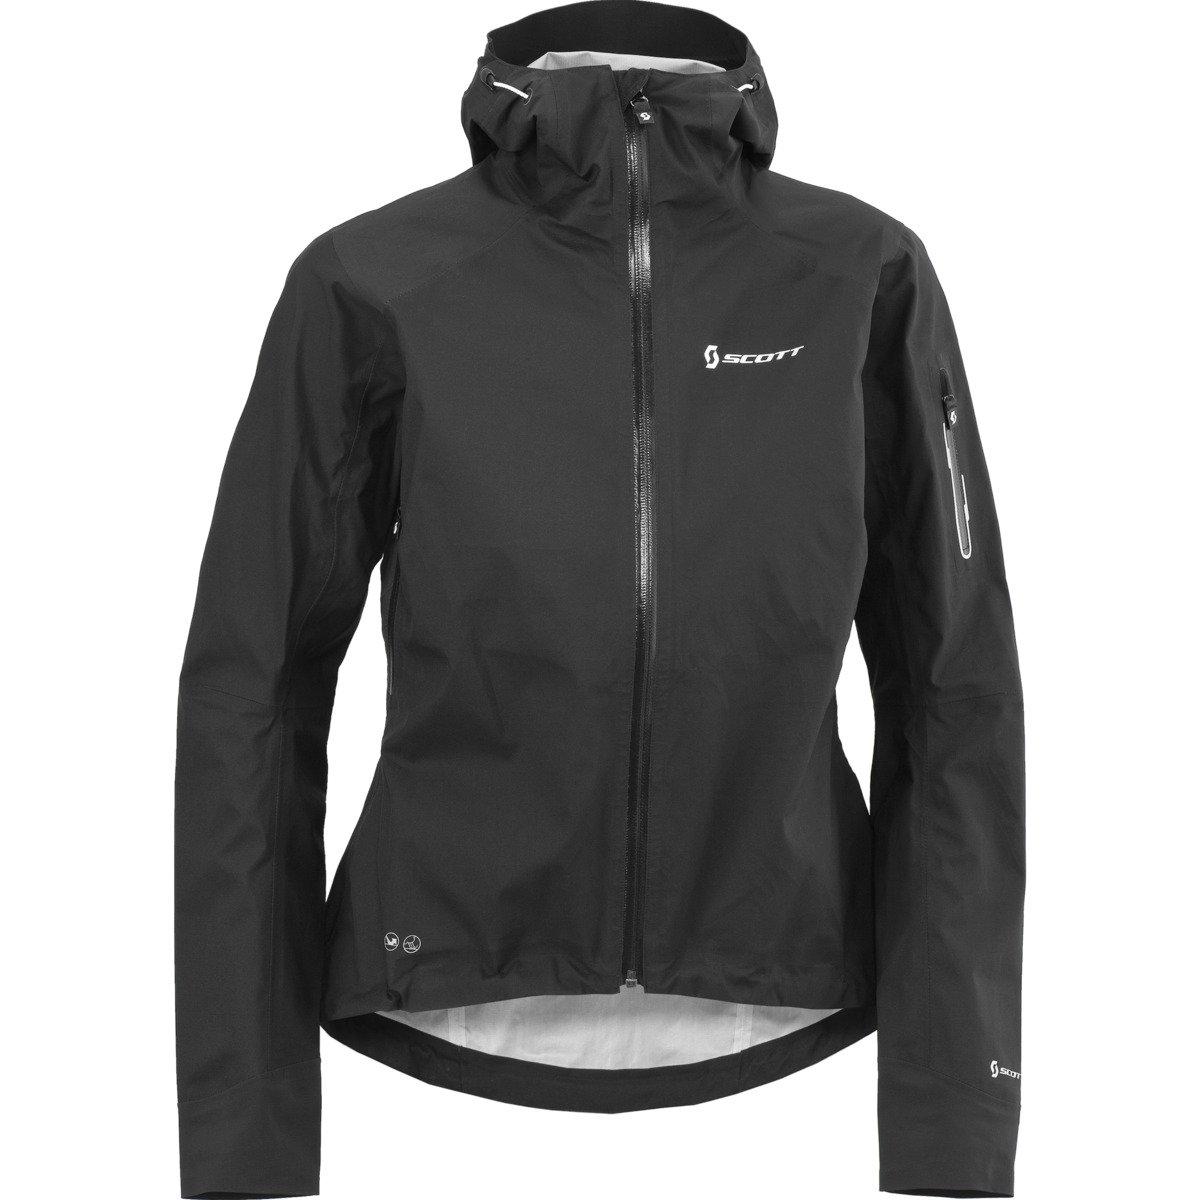 Scott Shadow AS Fahrrad Regenjacke schwarz 2014 online kaufen